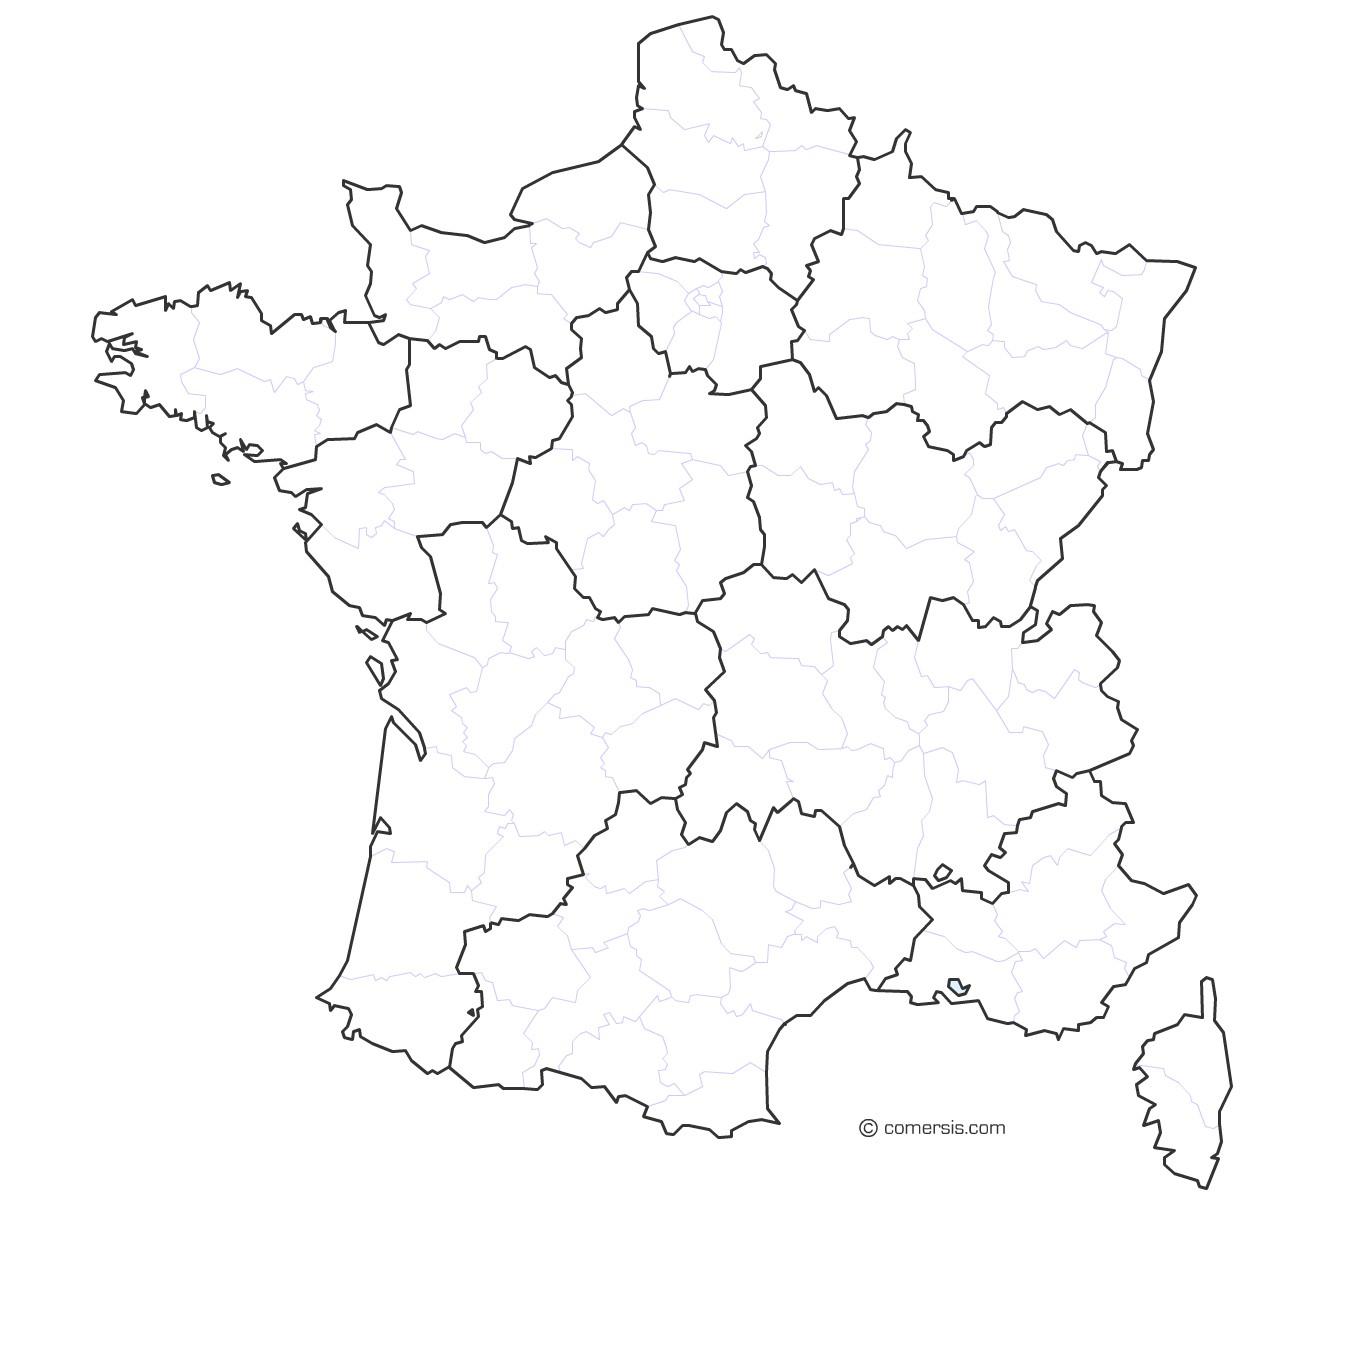 Carte France Par Regions Et Départements tout Carte De France Numéro Département